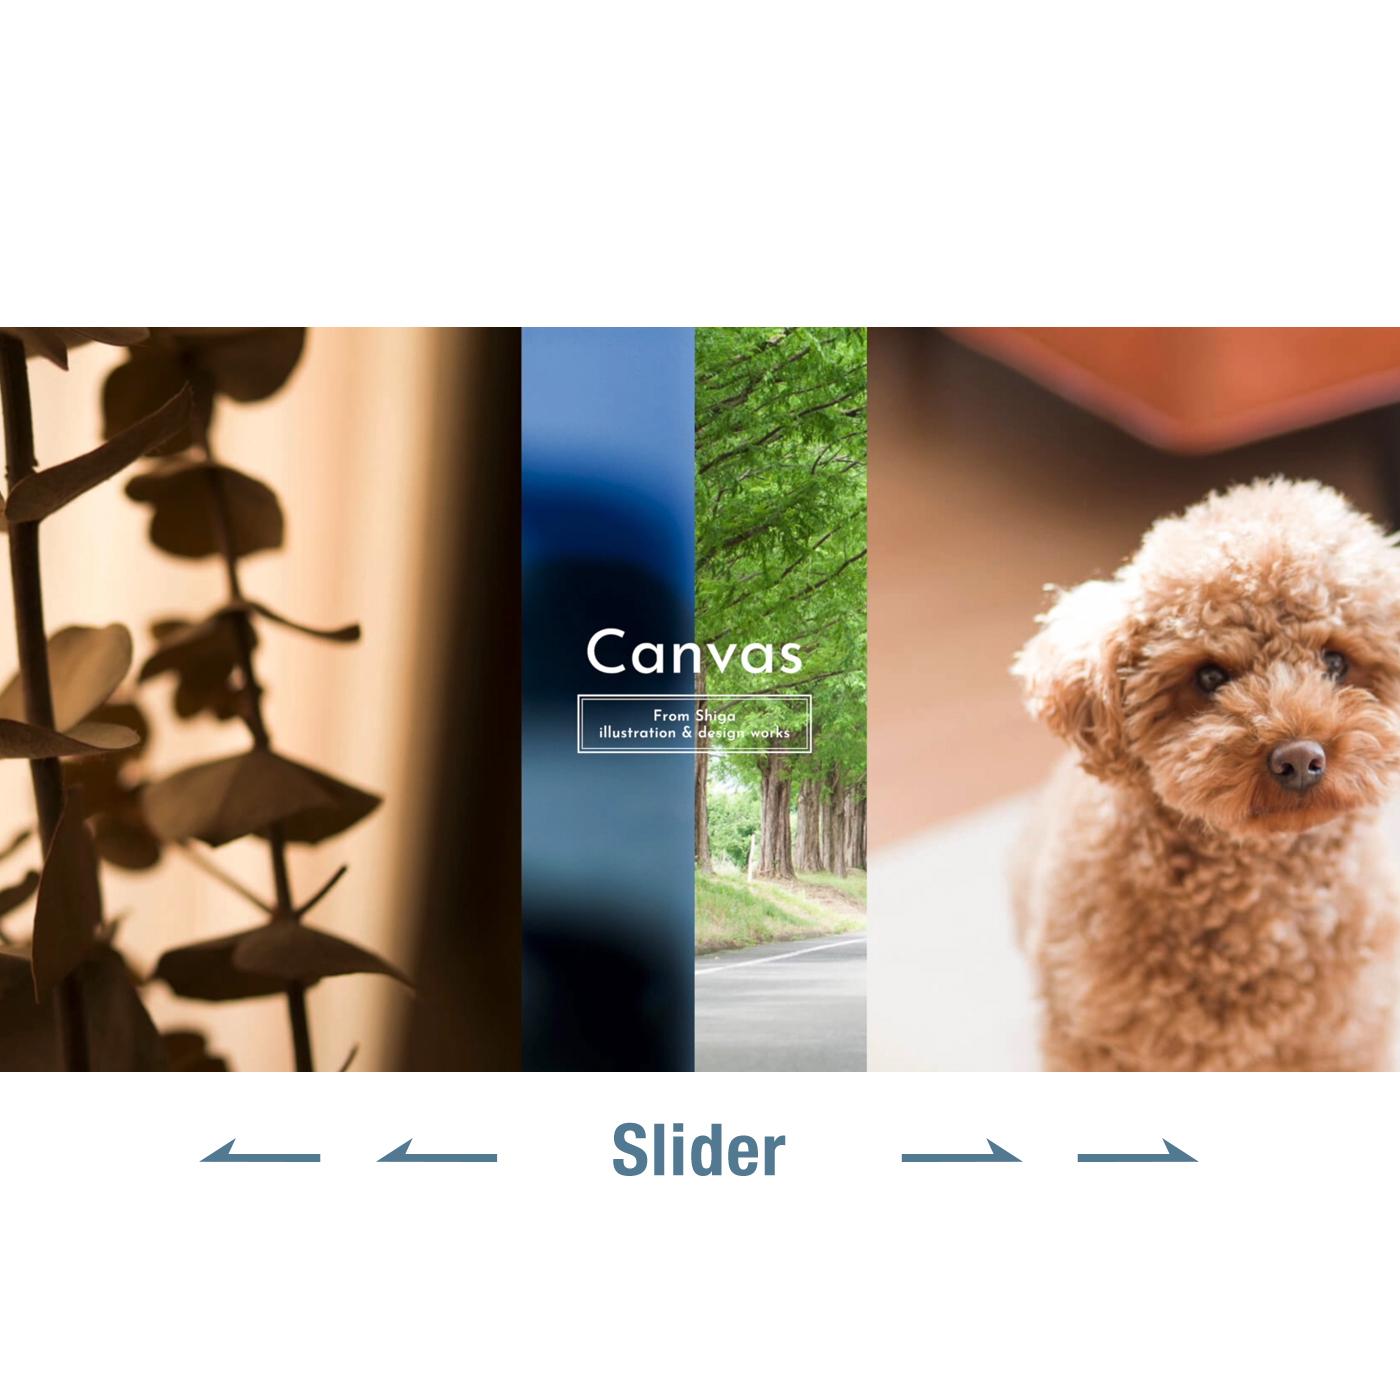 中央から左右へ開くスライダーの実装方法 html+CSS+jQuery コピペOK